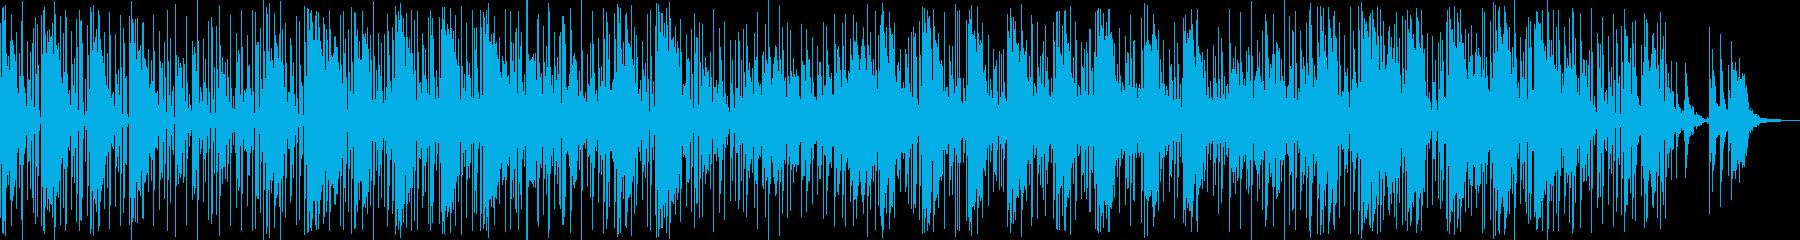 ドラム、ベース、エレクトリックピア...の再生済みの波形